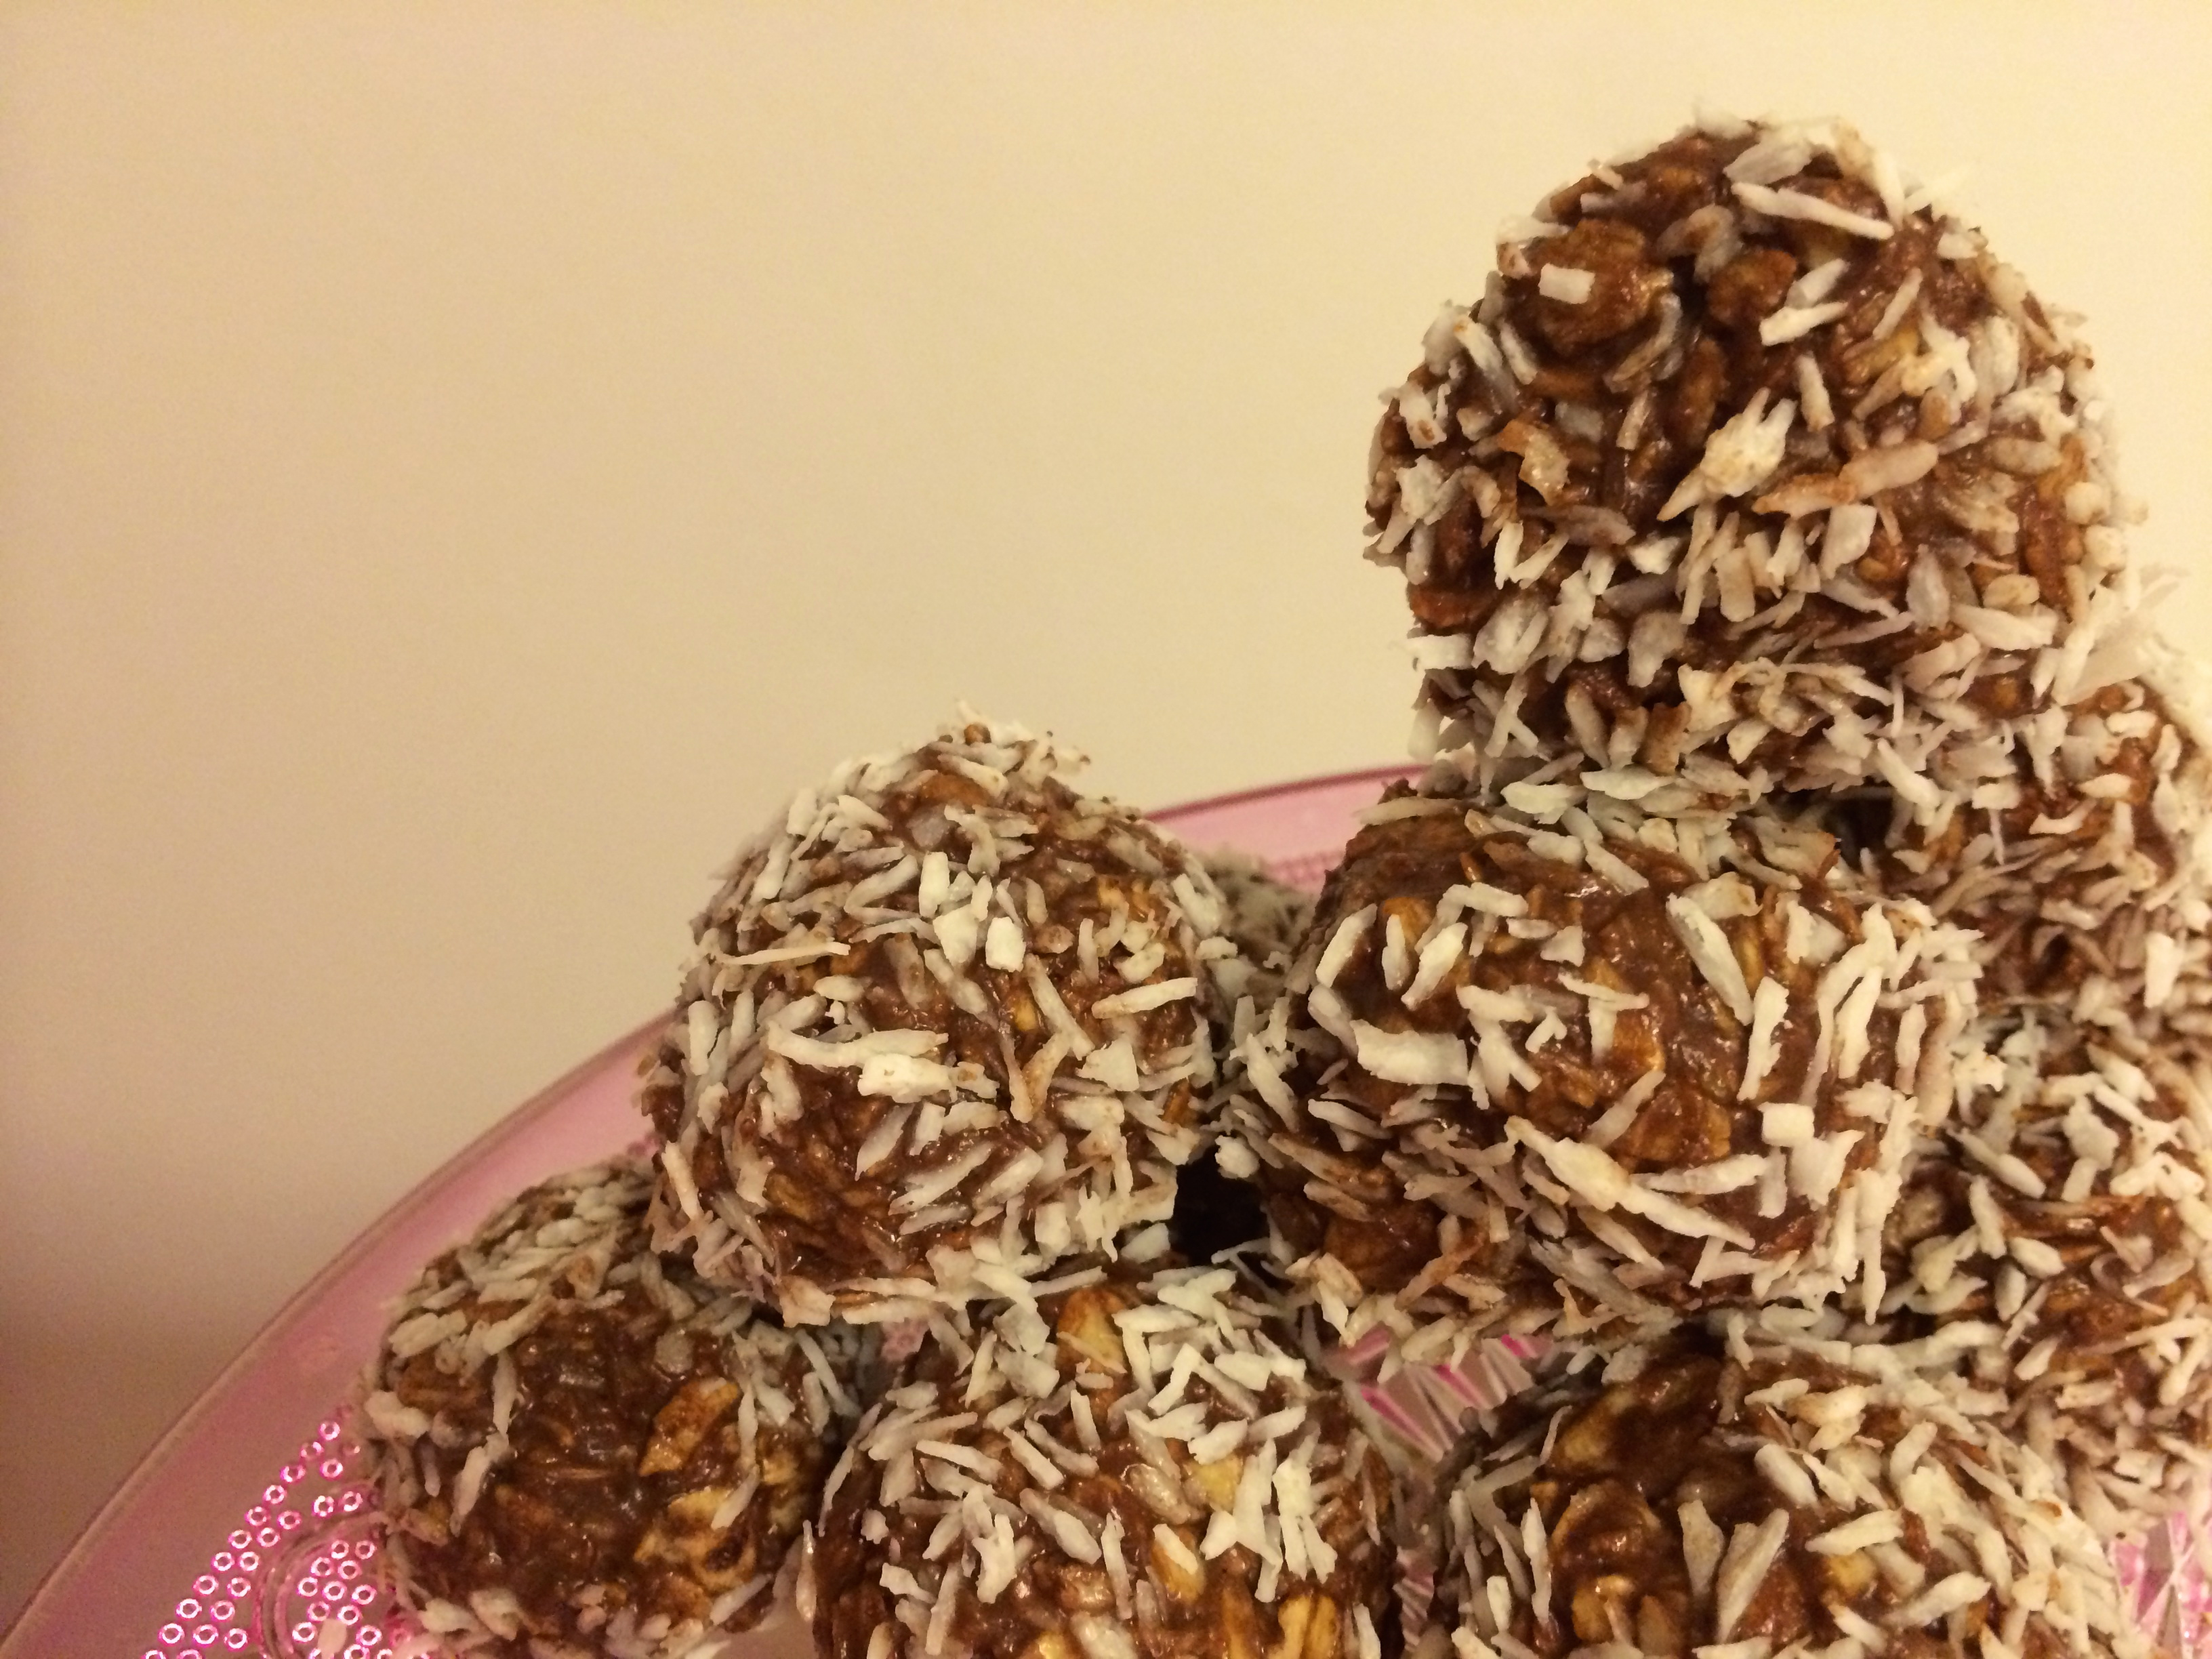 Slik lager du sunne havreboller med sjokolade